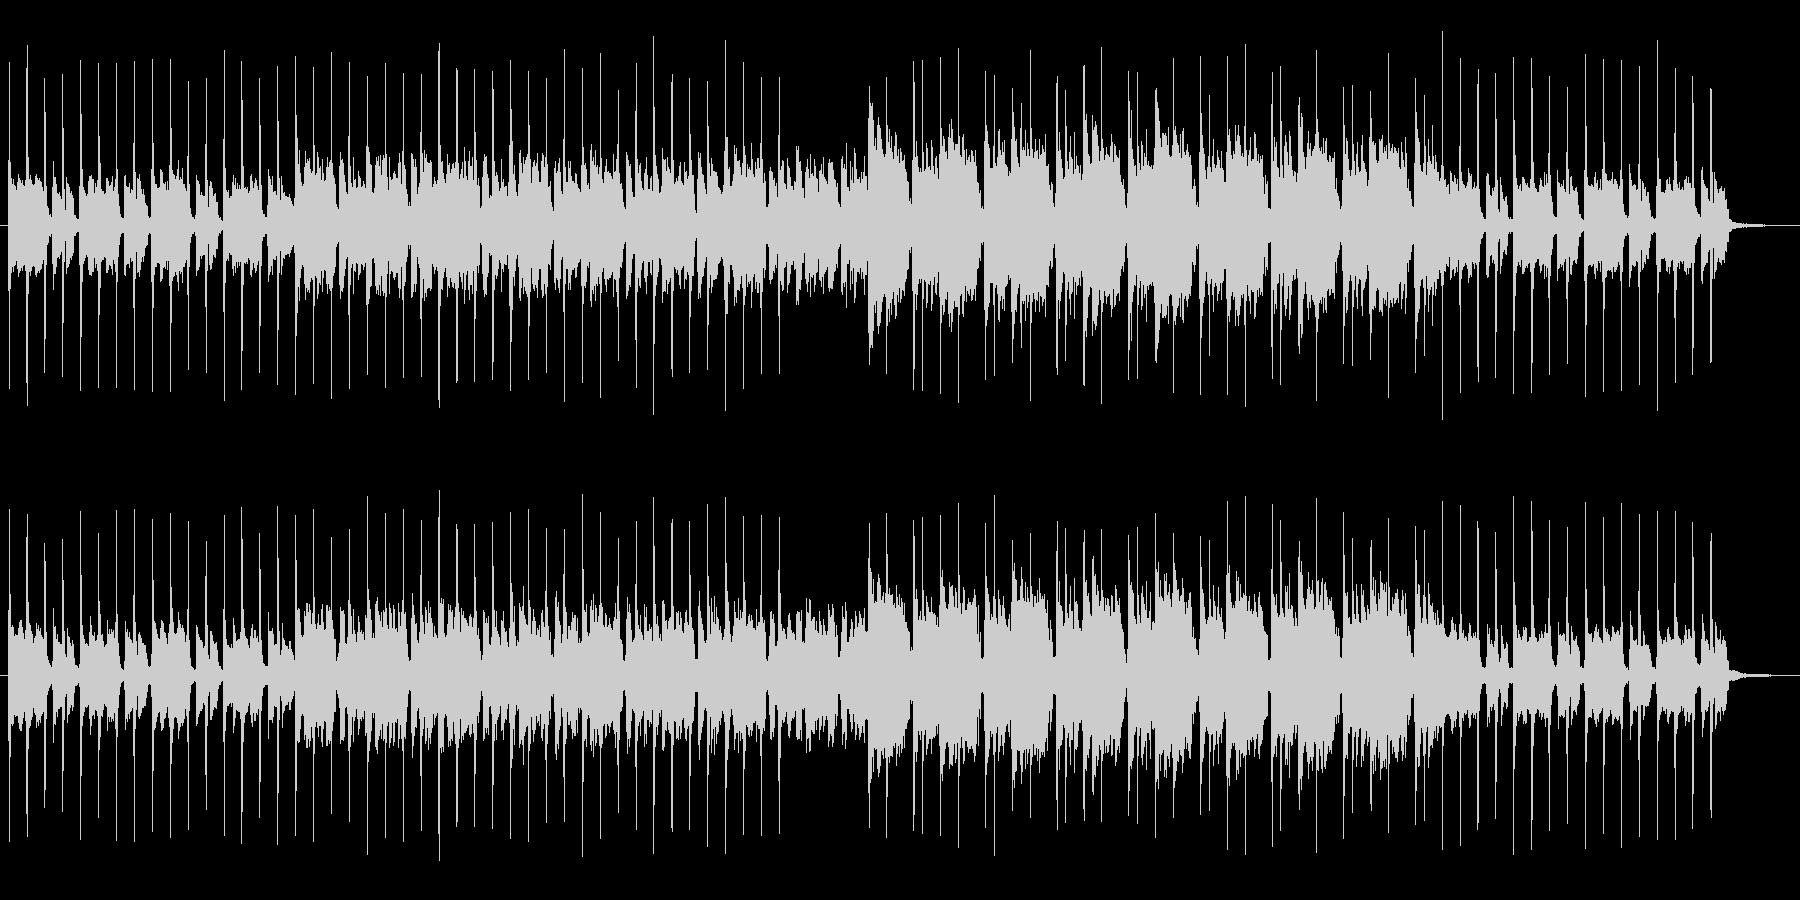 紹介動画 映像 CMに シンセポップの未再生の波形